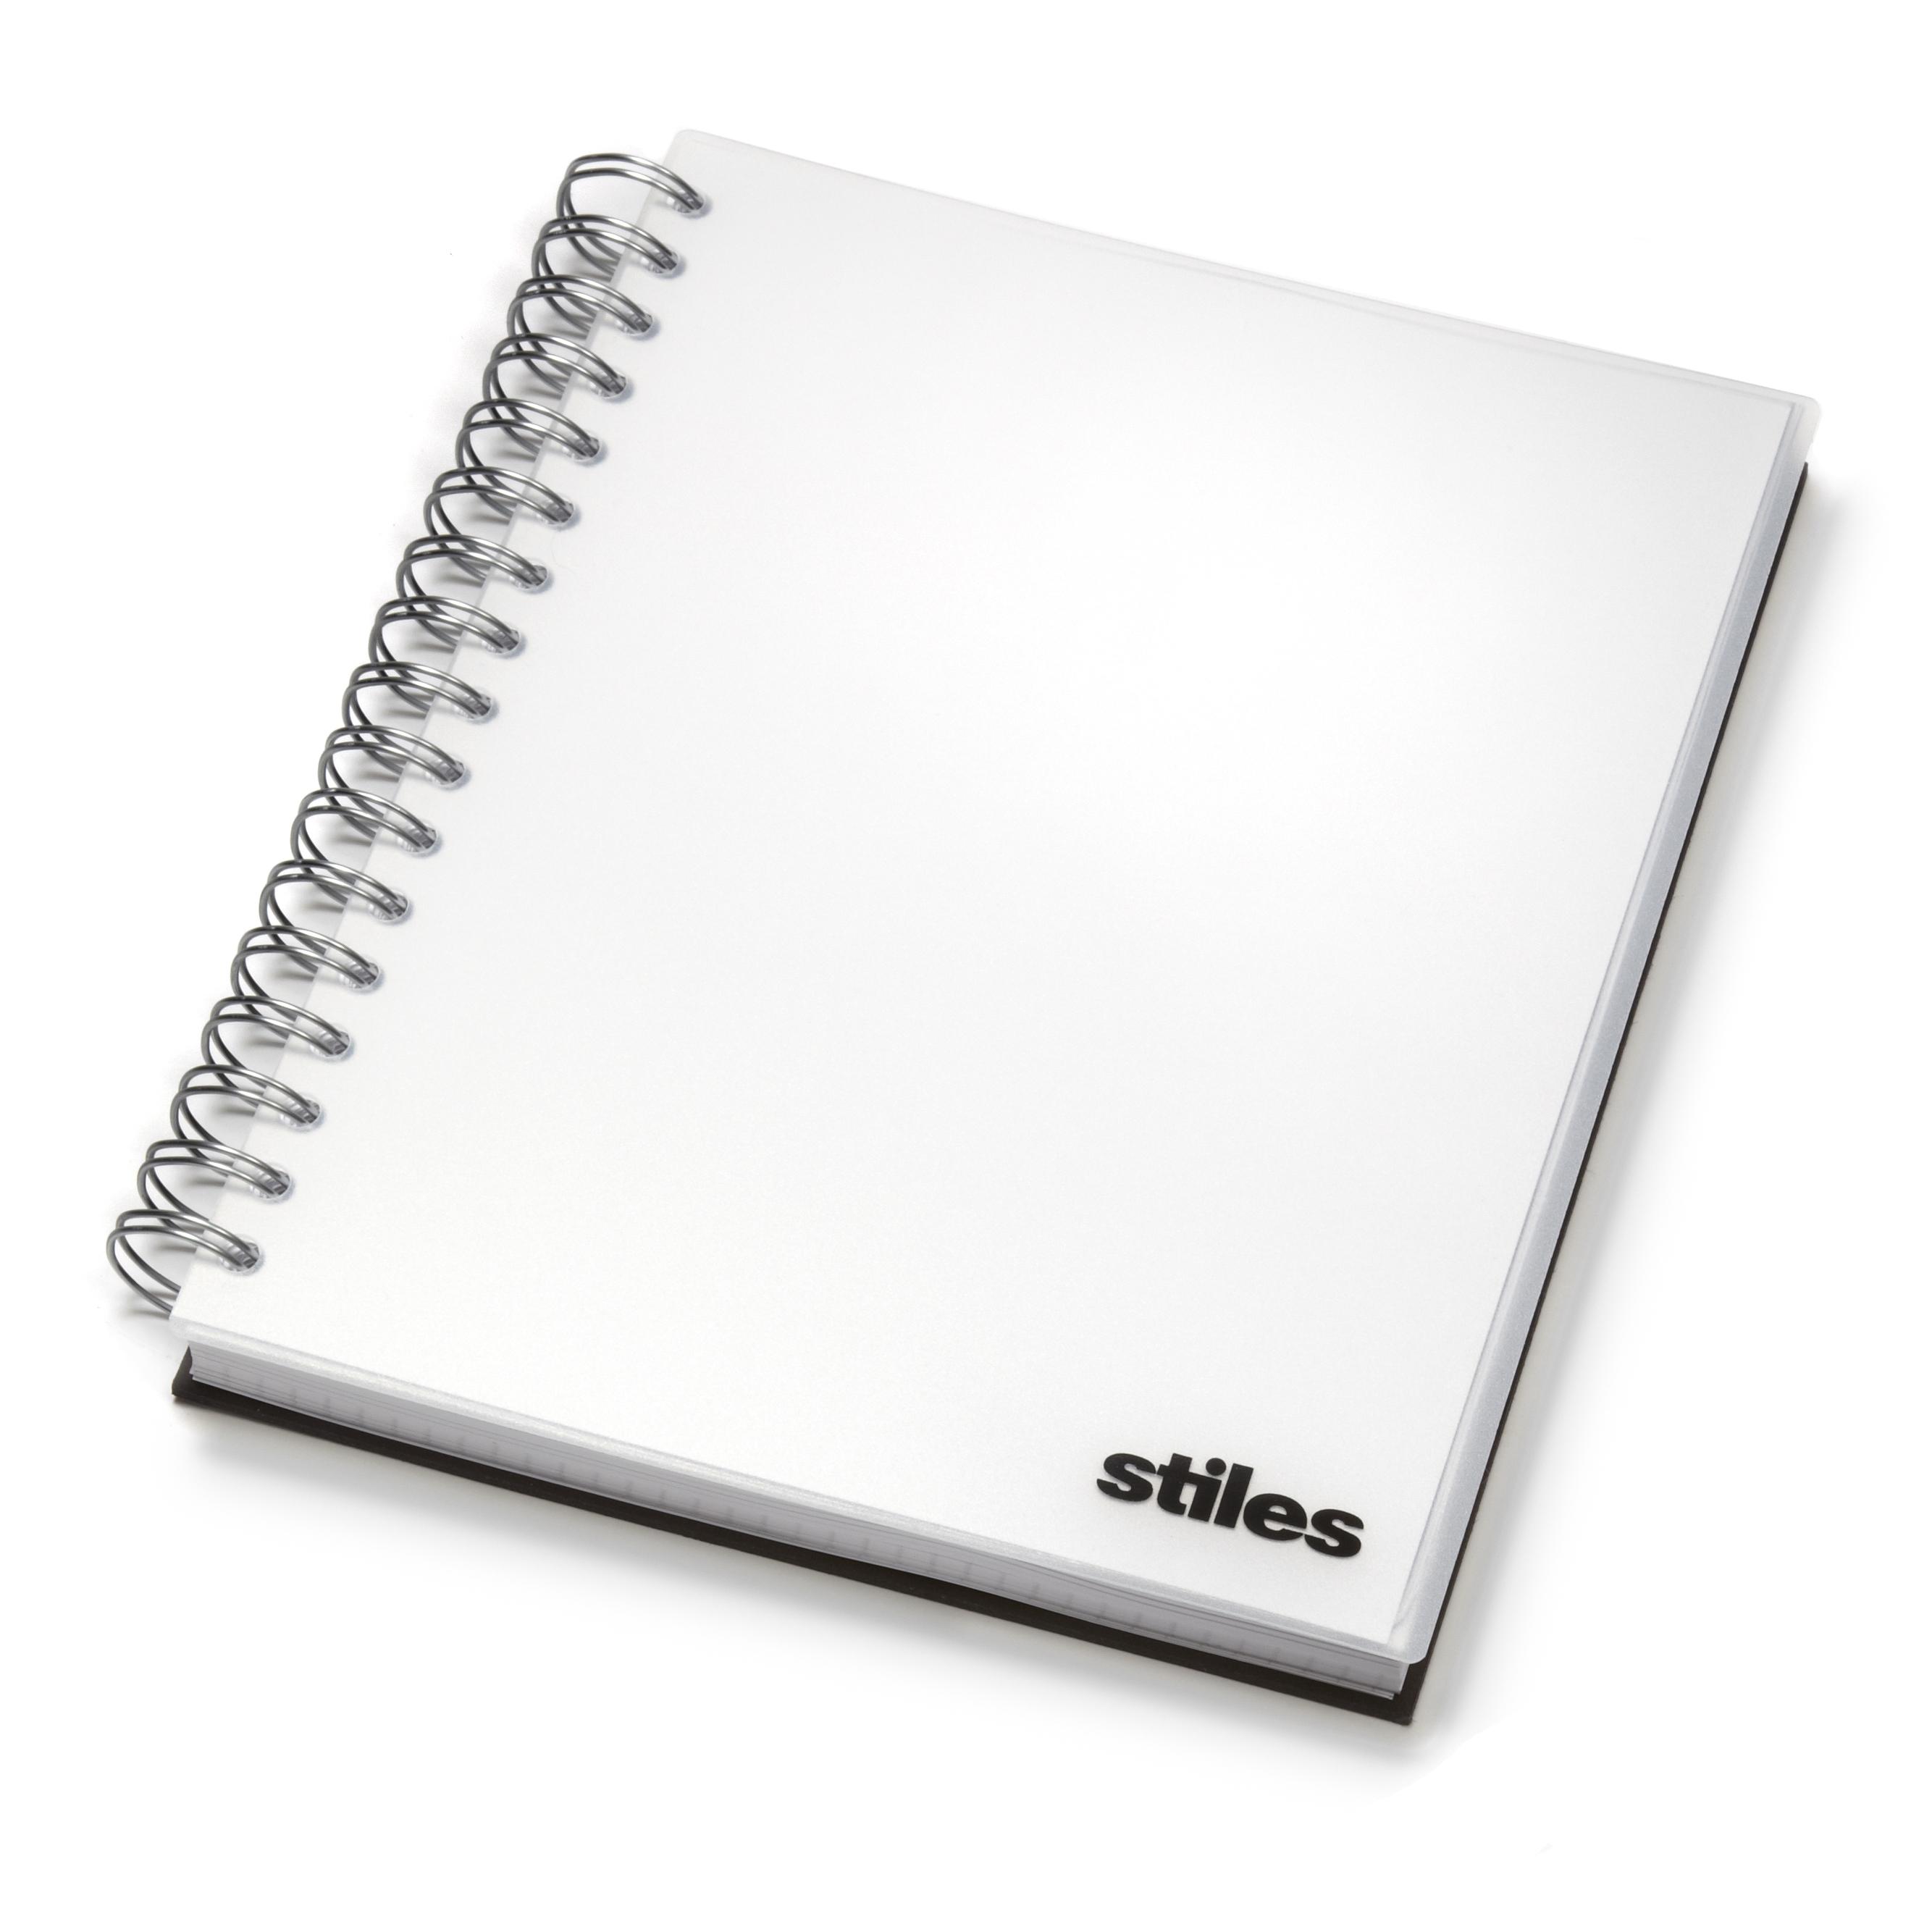 custom notebook with company logo